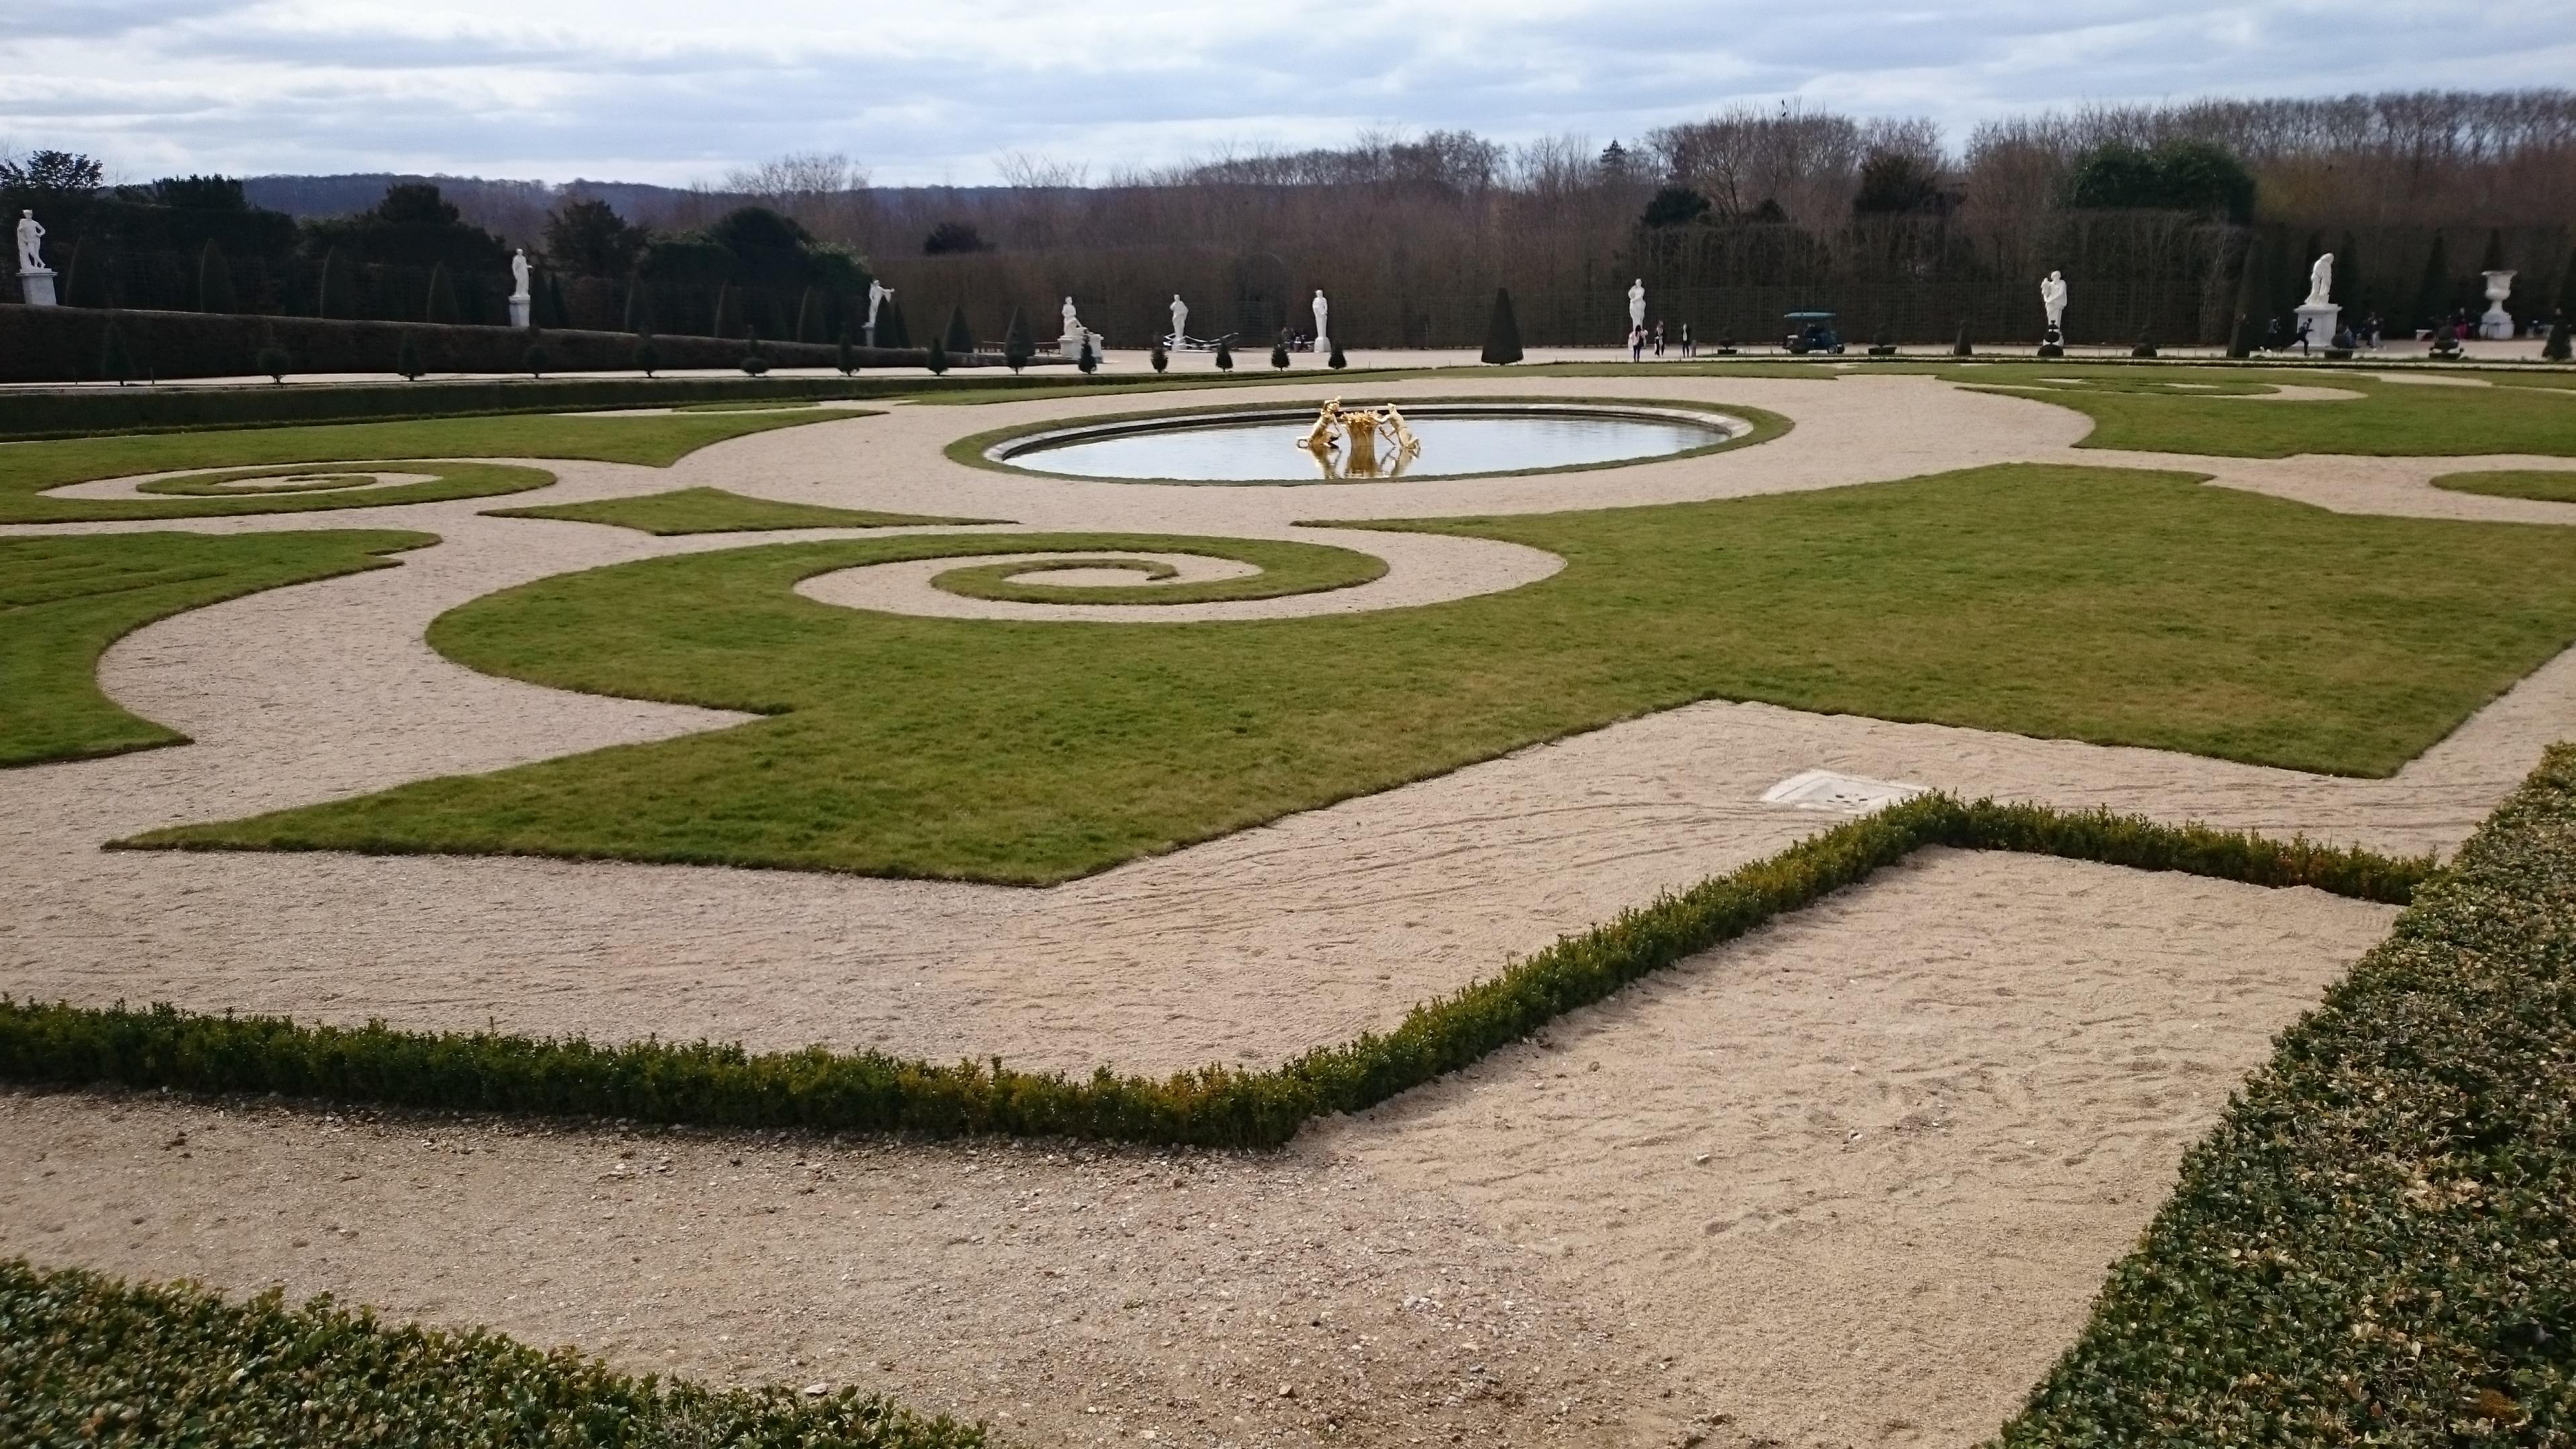 dsc 1303 - Visita al Palacio de Versalles: Como ir, cuanto cuesta y tips I/III